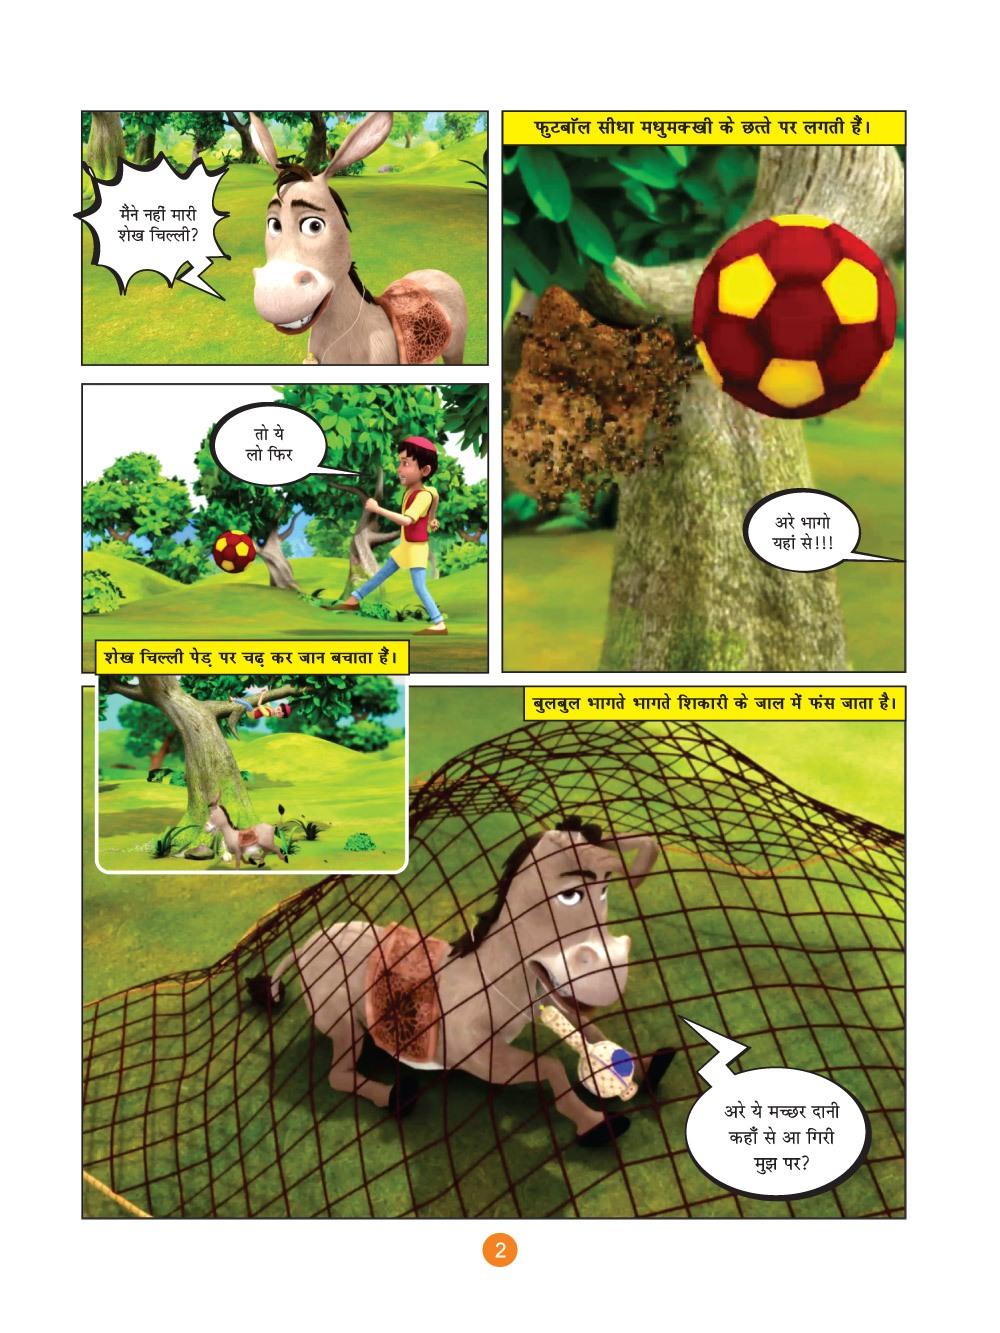 शेख चिल्ली की कॉमिक्स- शिकारी (Sheikh Chilli Comic Hindi)